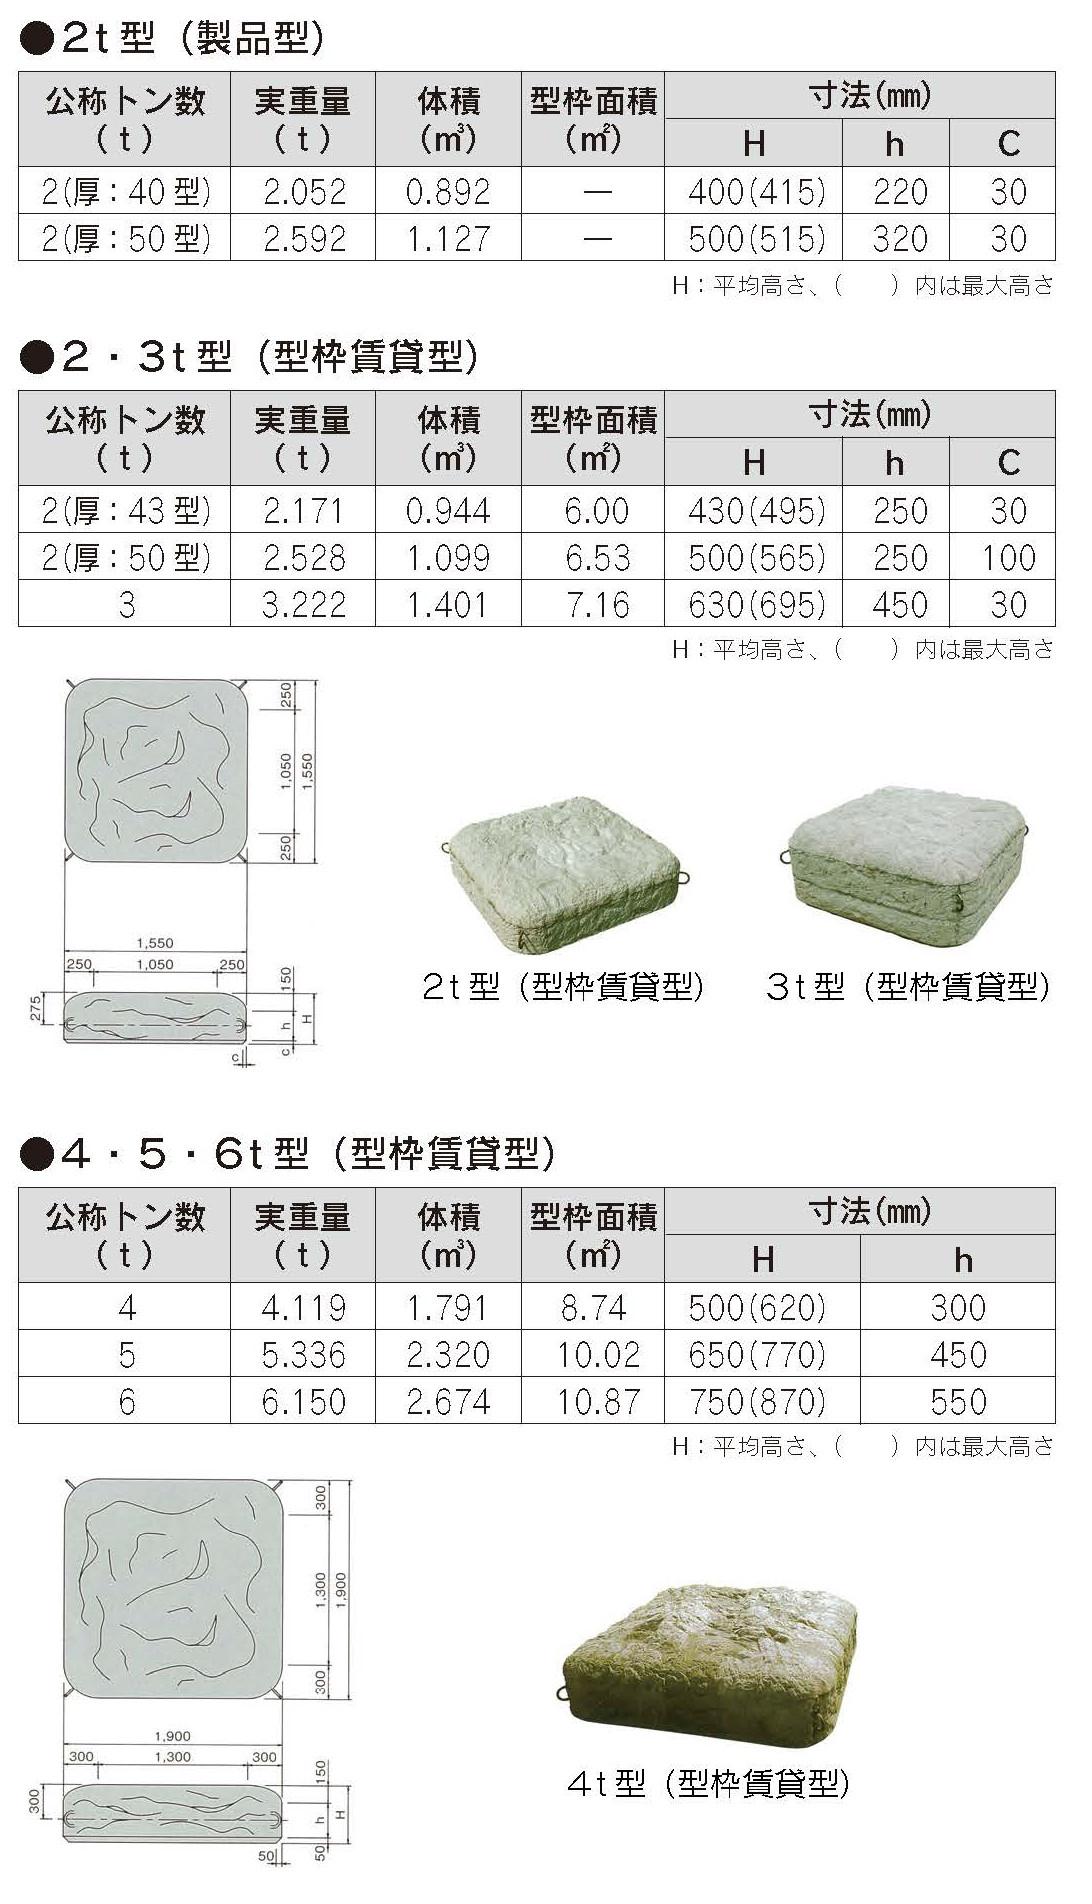 製品規格詳細図(基本タイプ)